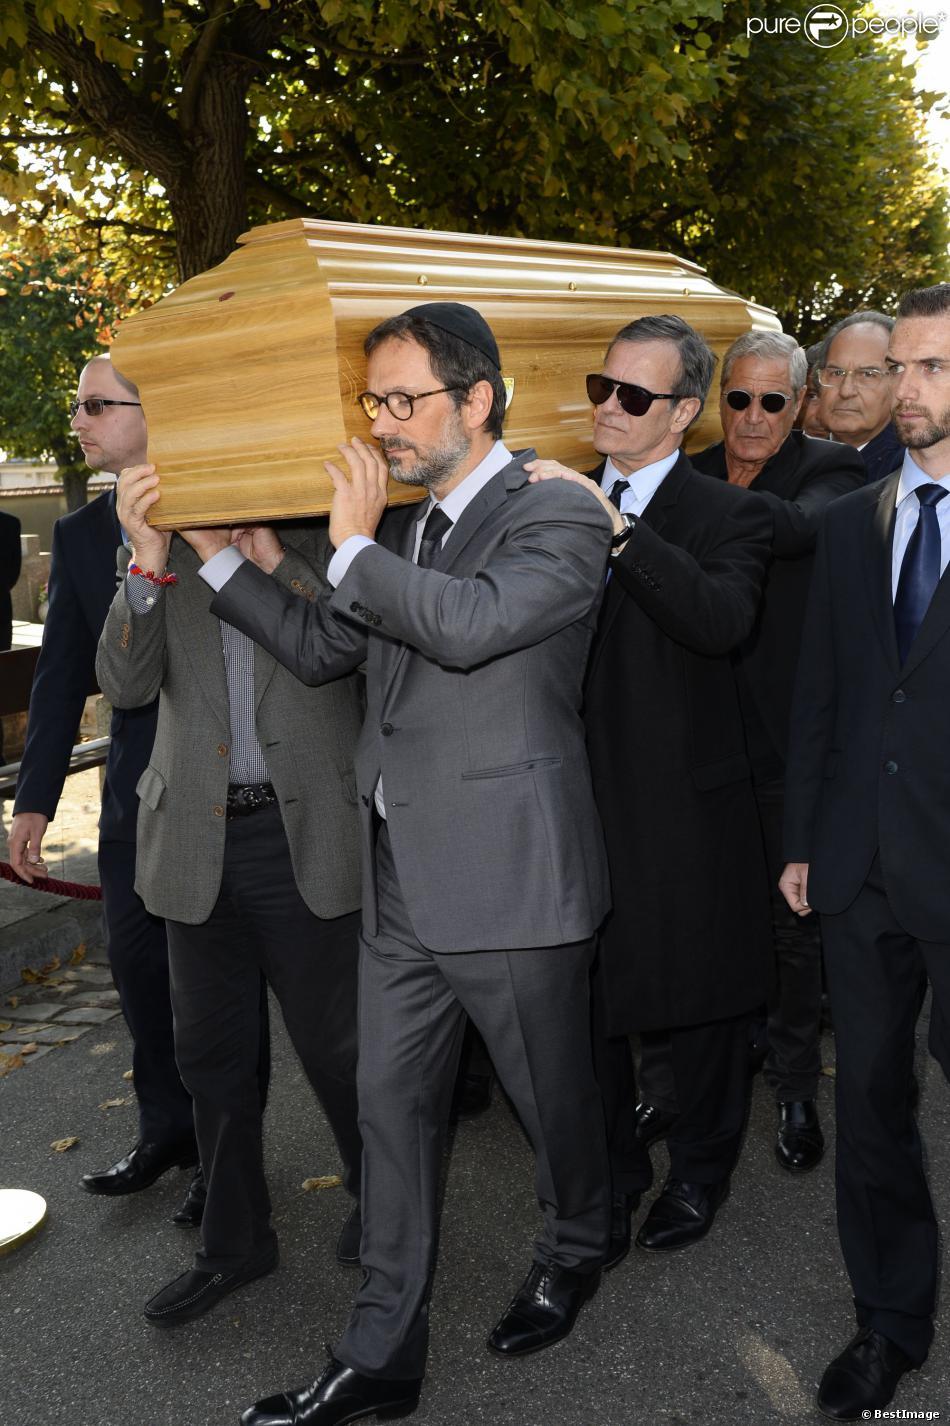 James Huth, fils de Pierre Huth, Francis Huster et Jean-Claude Darmon aux obsèques de Pierre Huth à Nogent-sur-Marne le 30 août 2013.